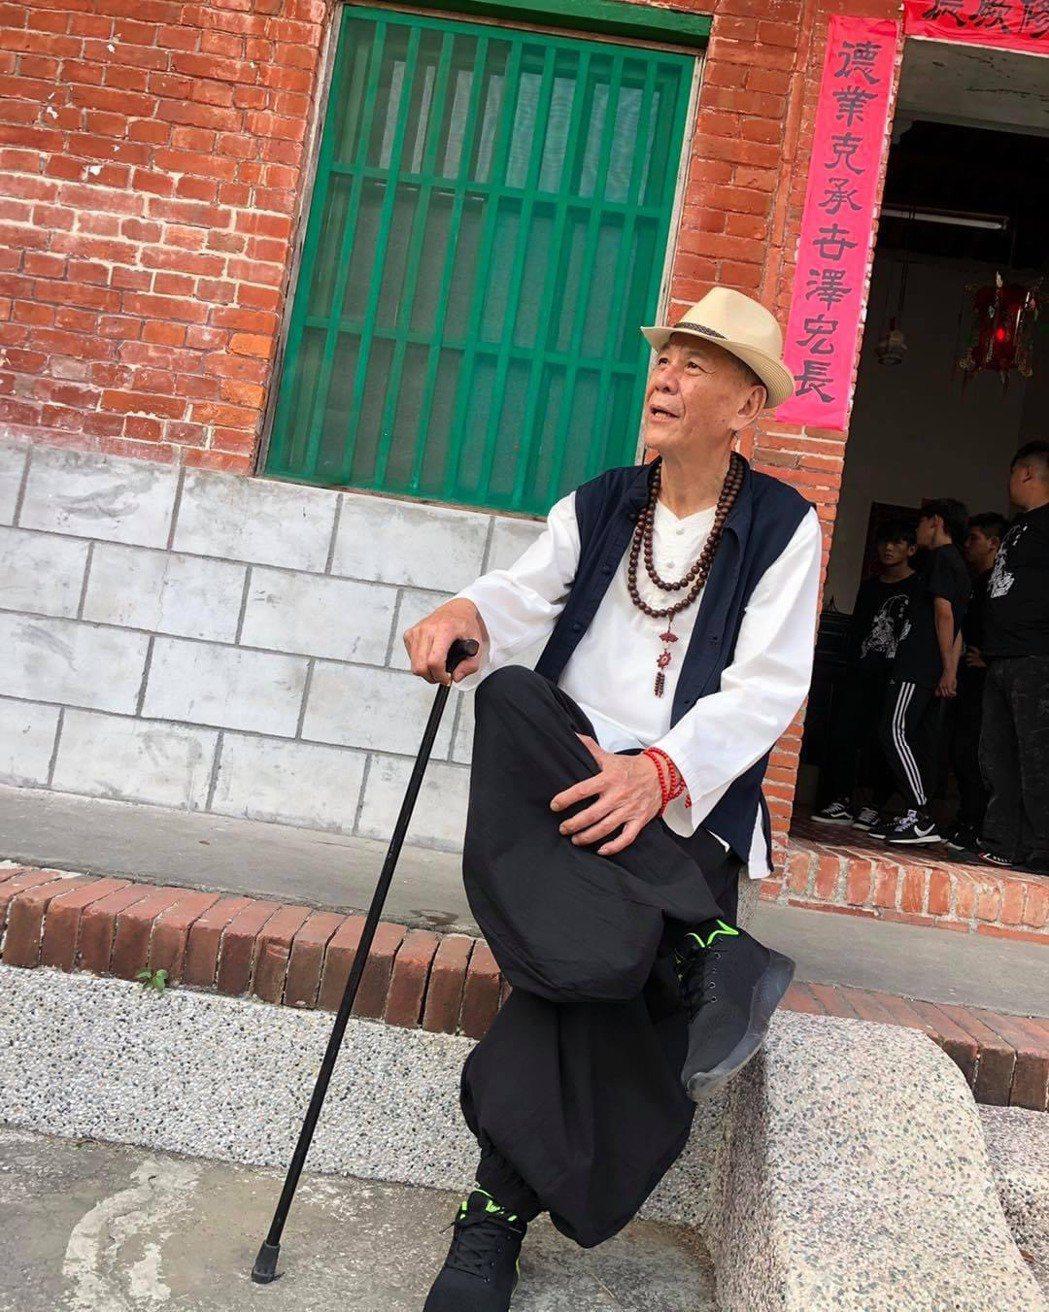 龍劭華曾出過「戲臺上的浪子」半自傳描繪自己的前半生。圖/摘自臉書